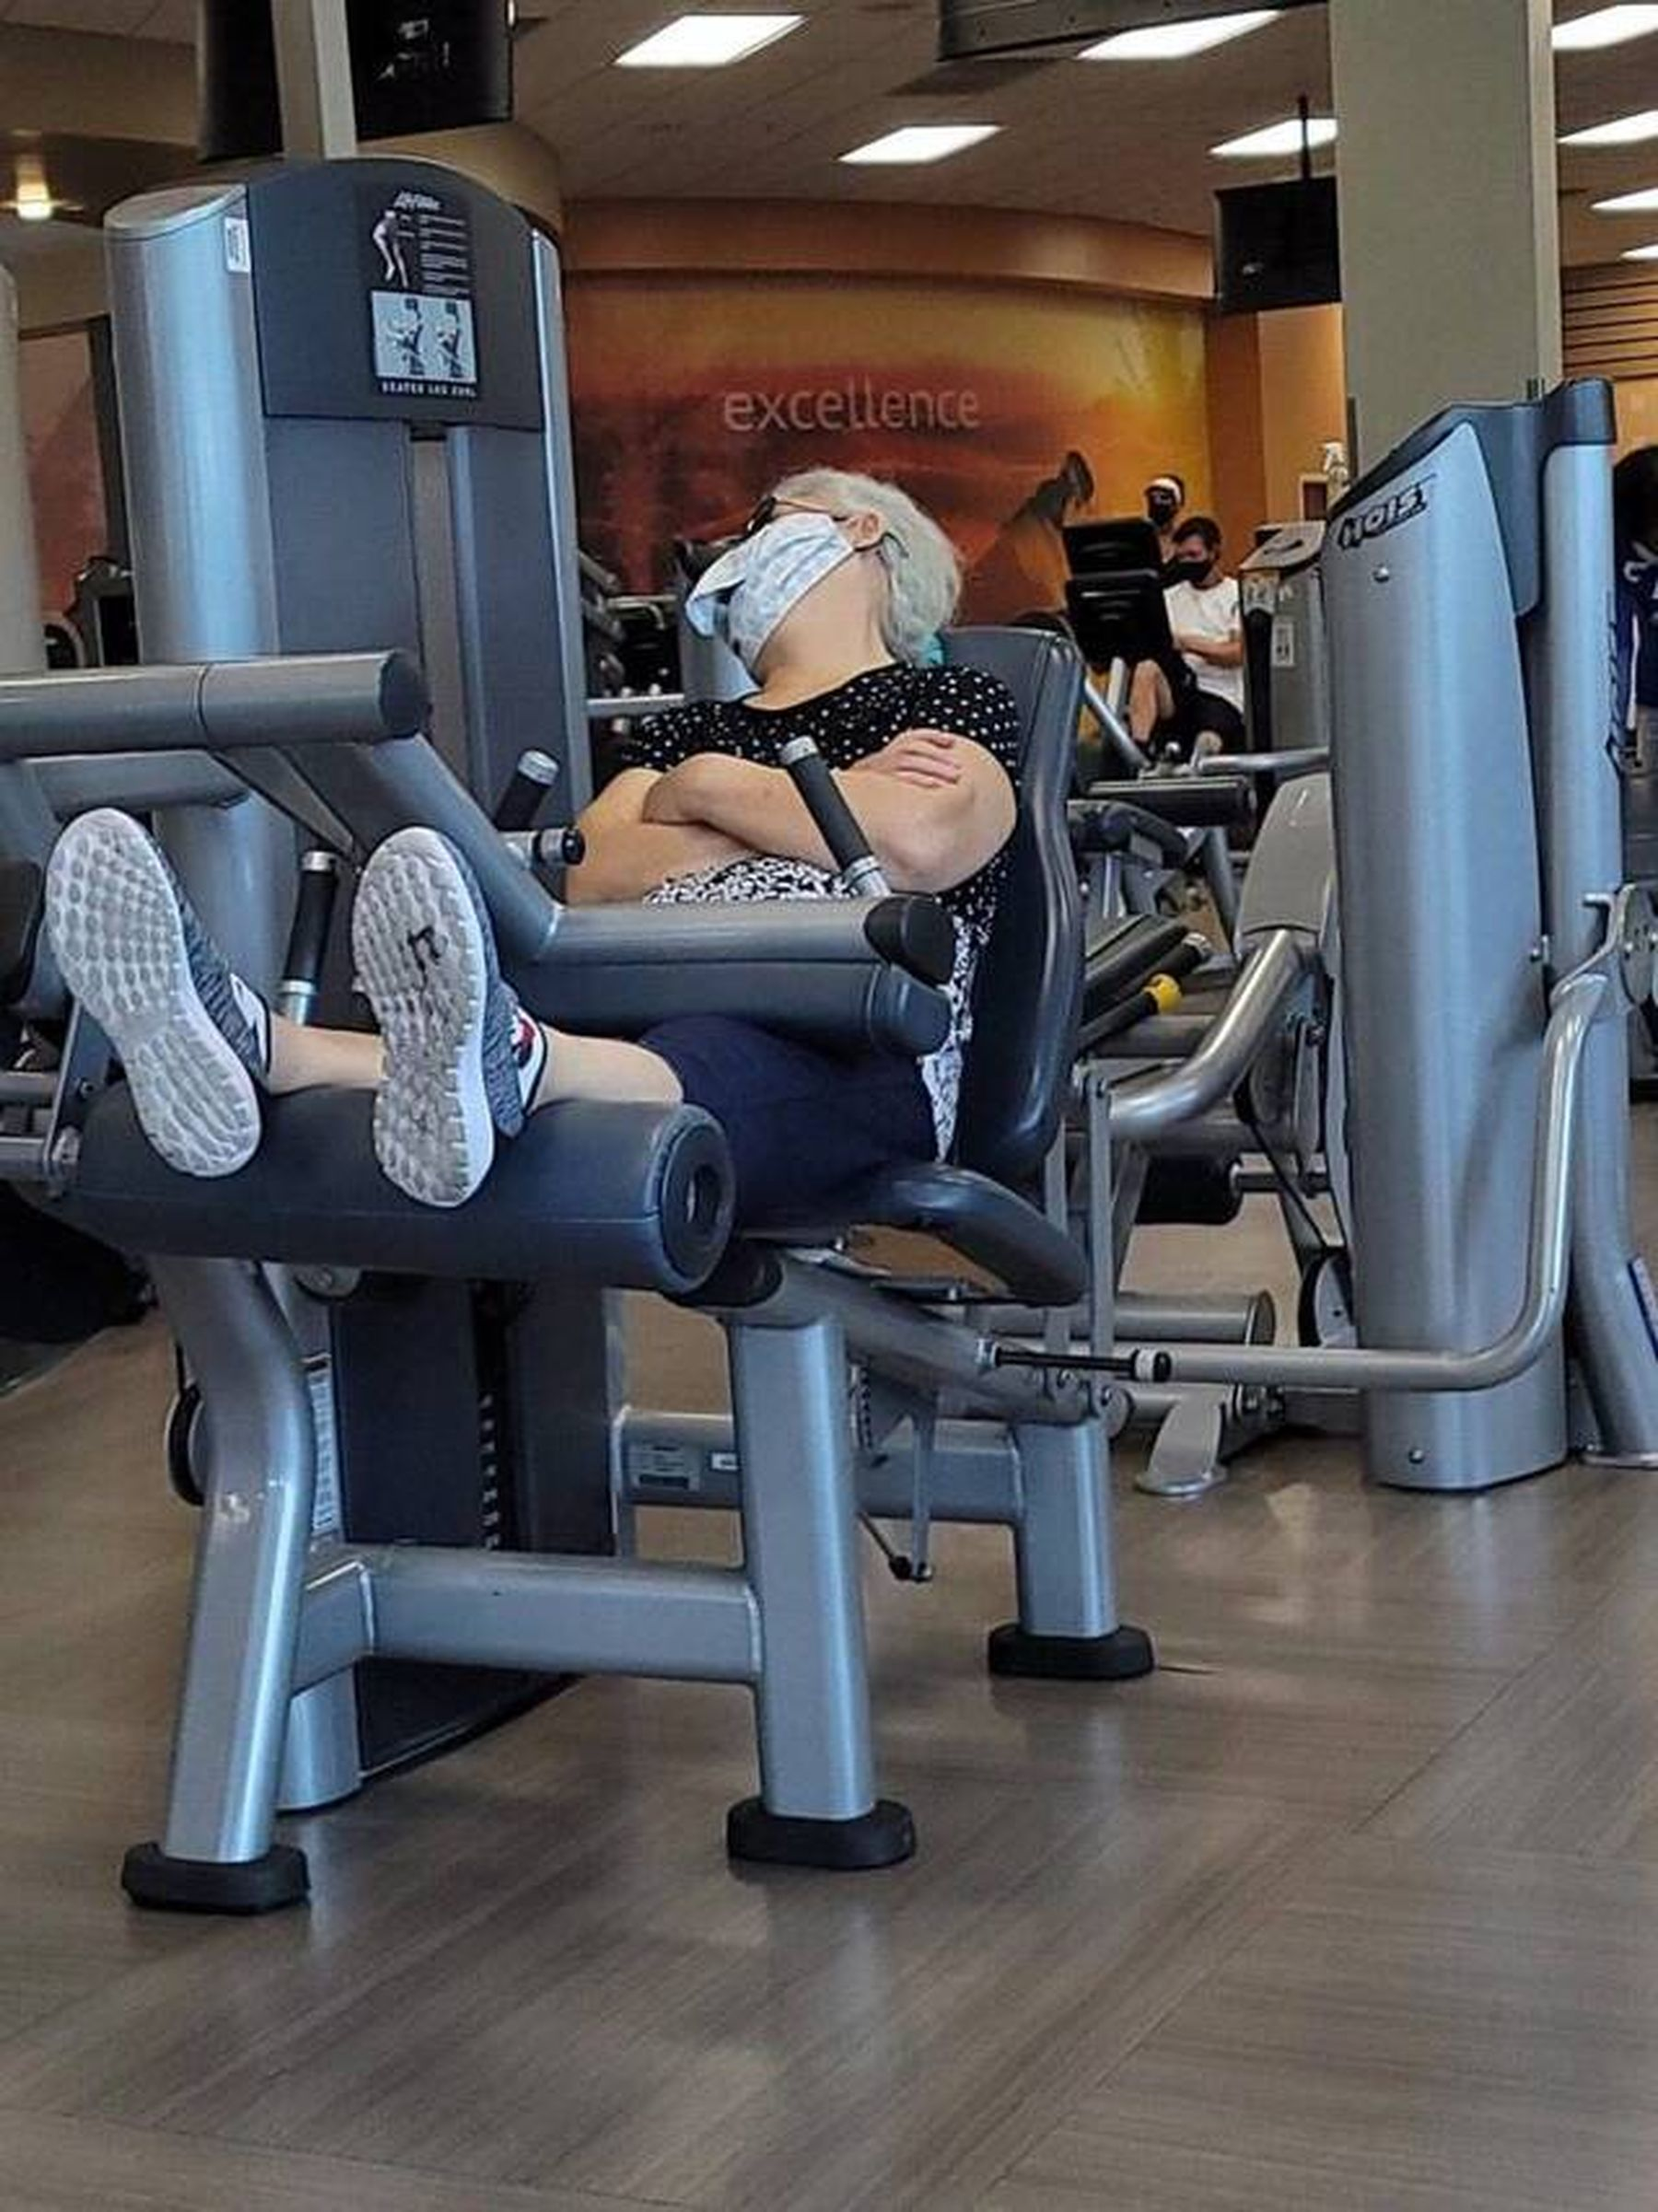 Montags im Fitnessstudio   Lustiges   Was is hier eigentlich los?